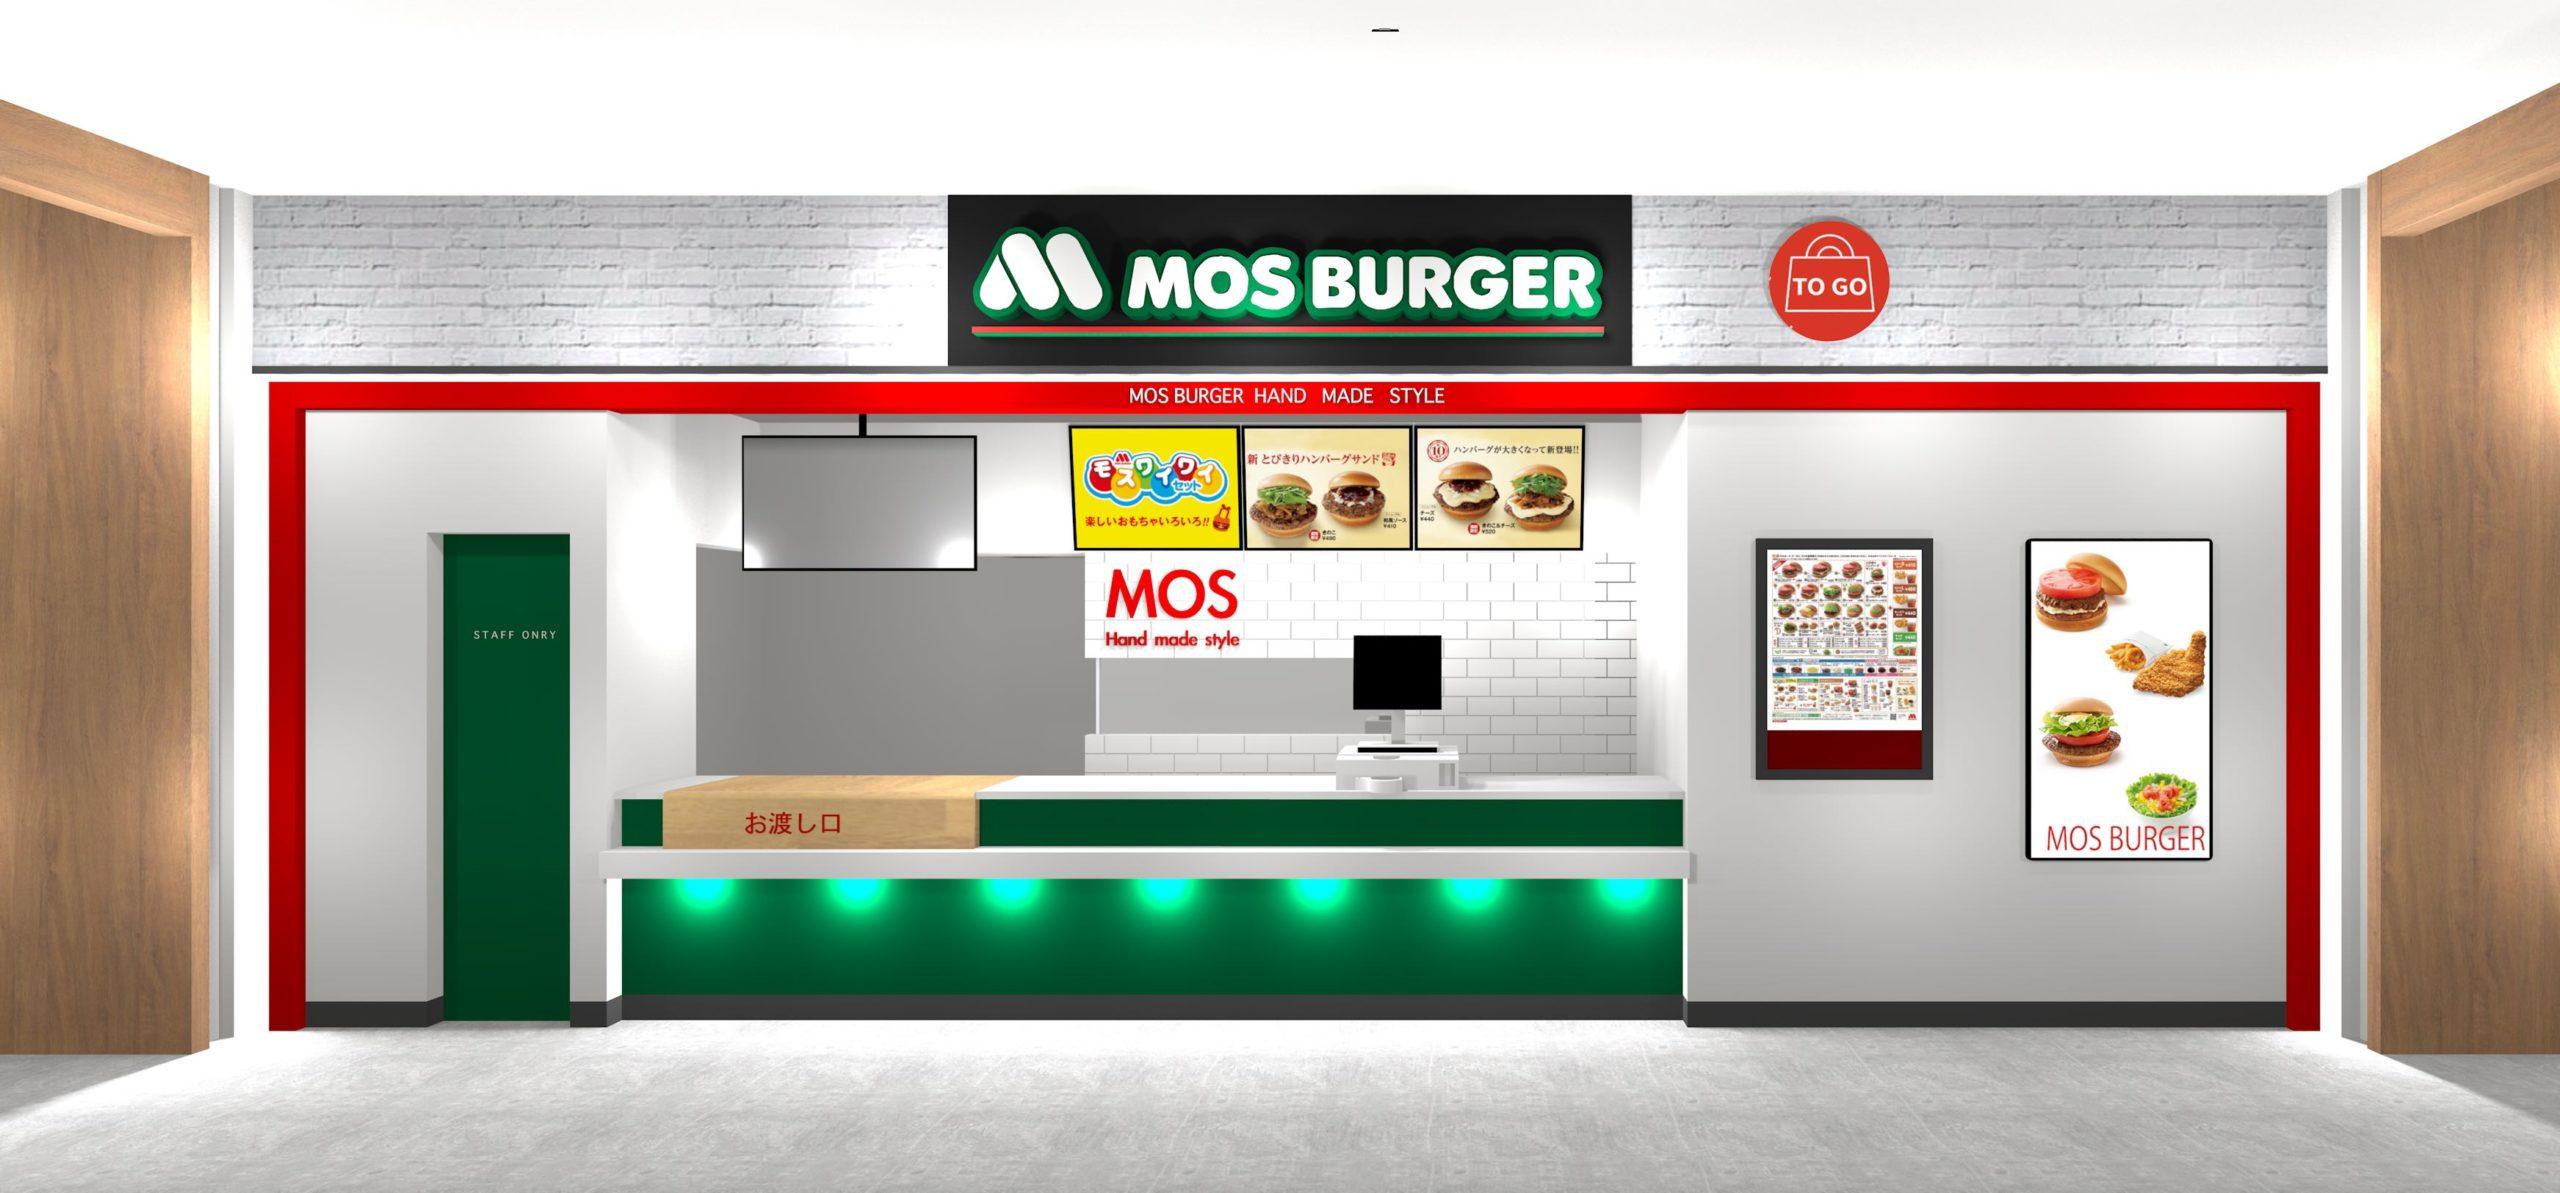 [MOS] モスバーガー初のテイクアウト専門店が新宿御苑前に登場